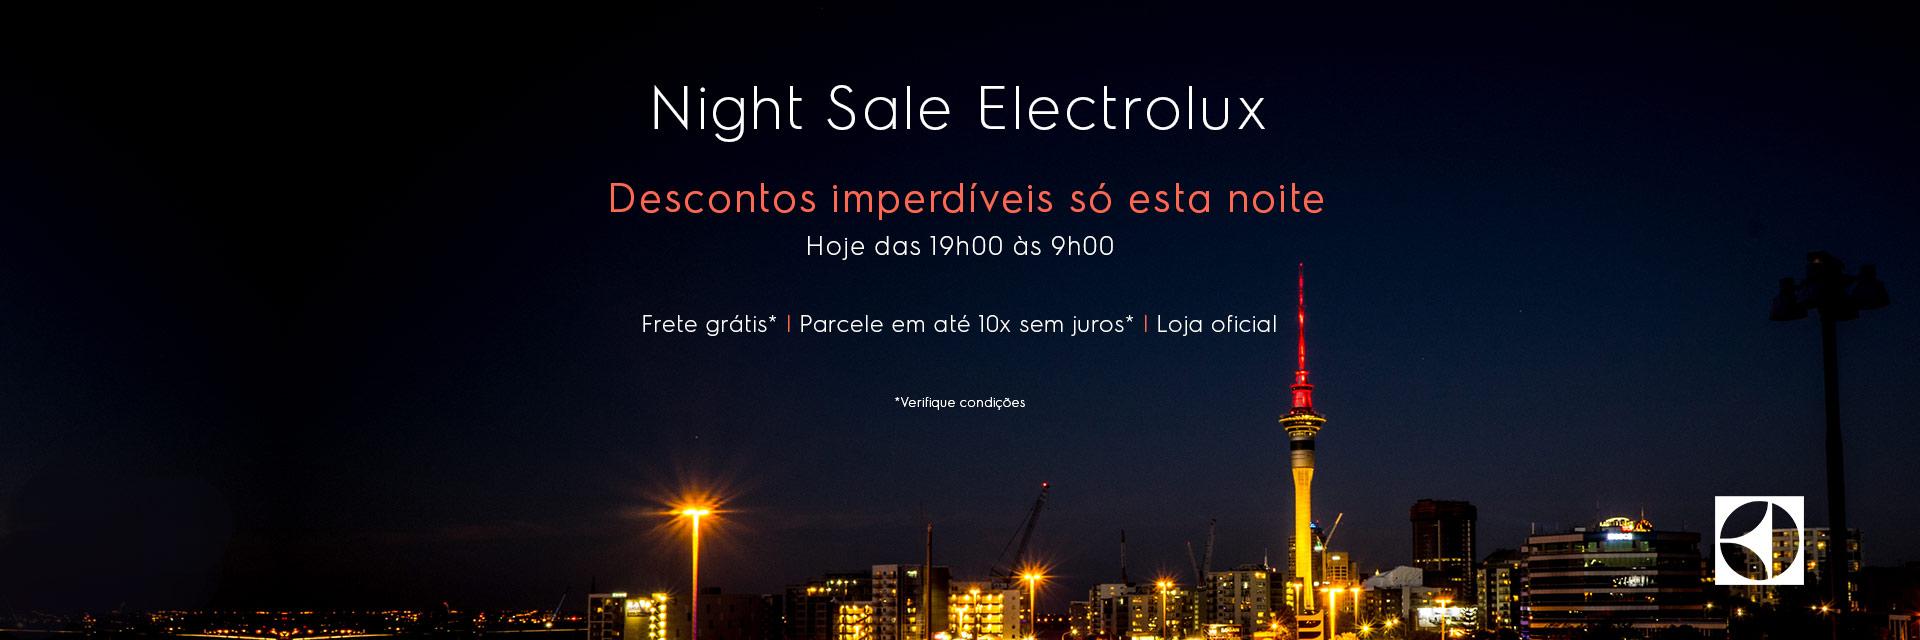 nightsale